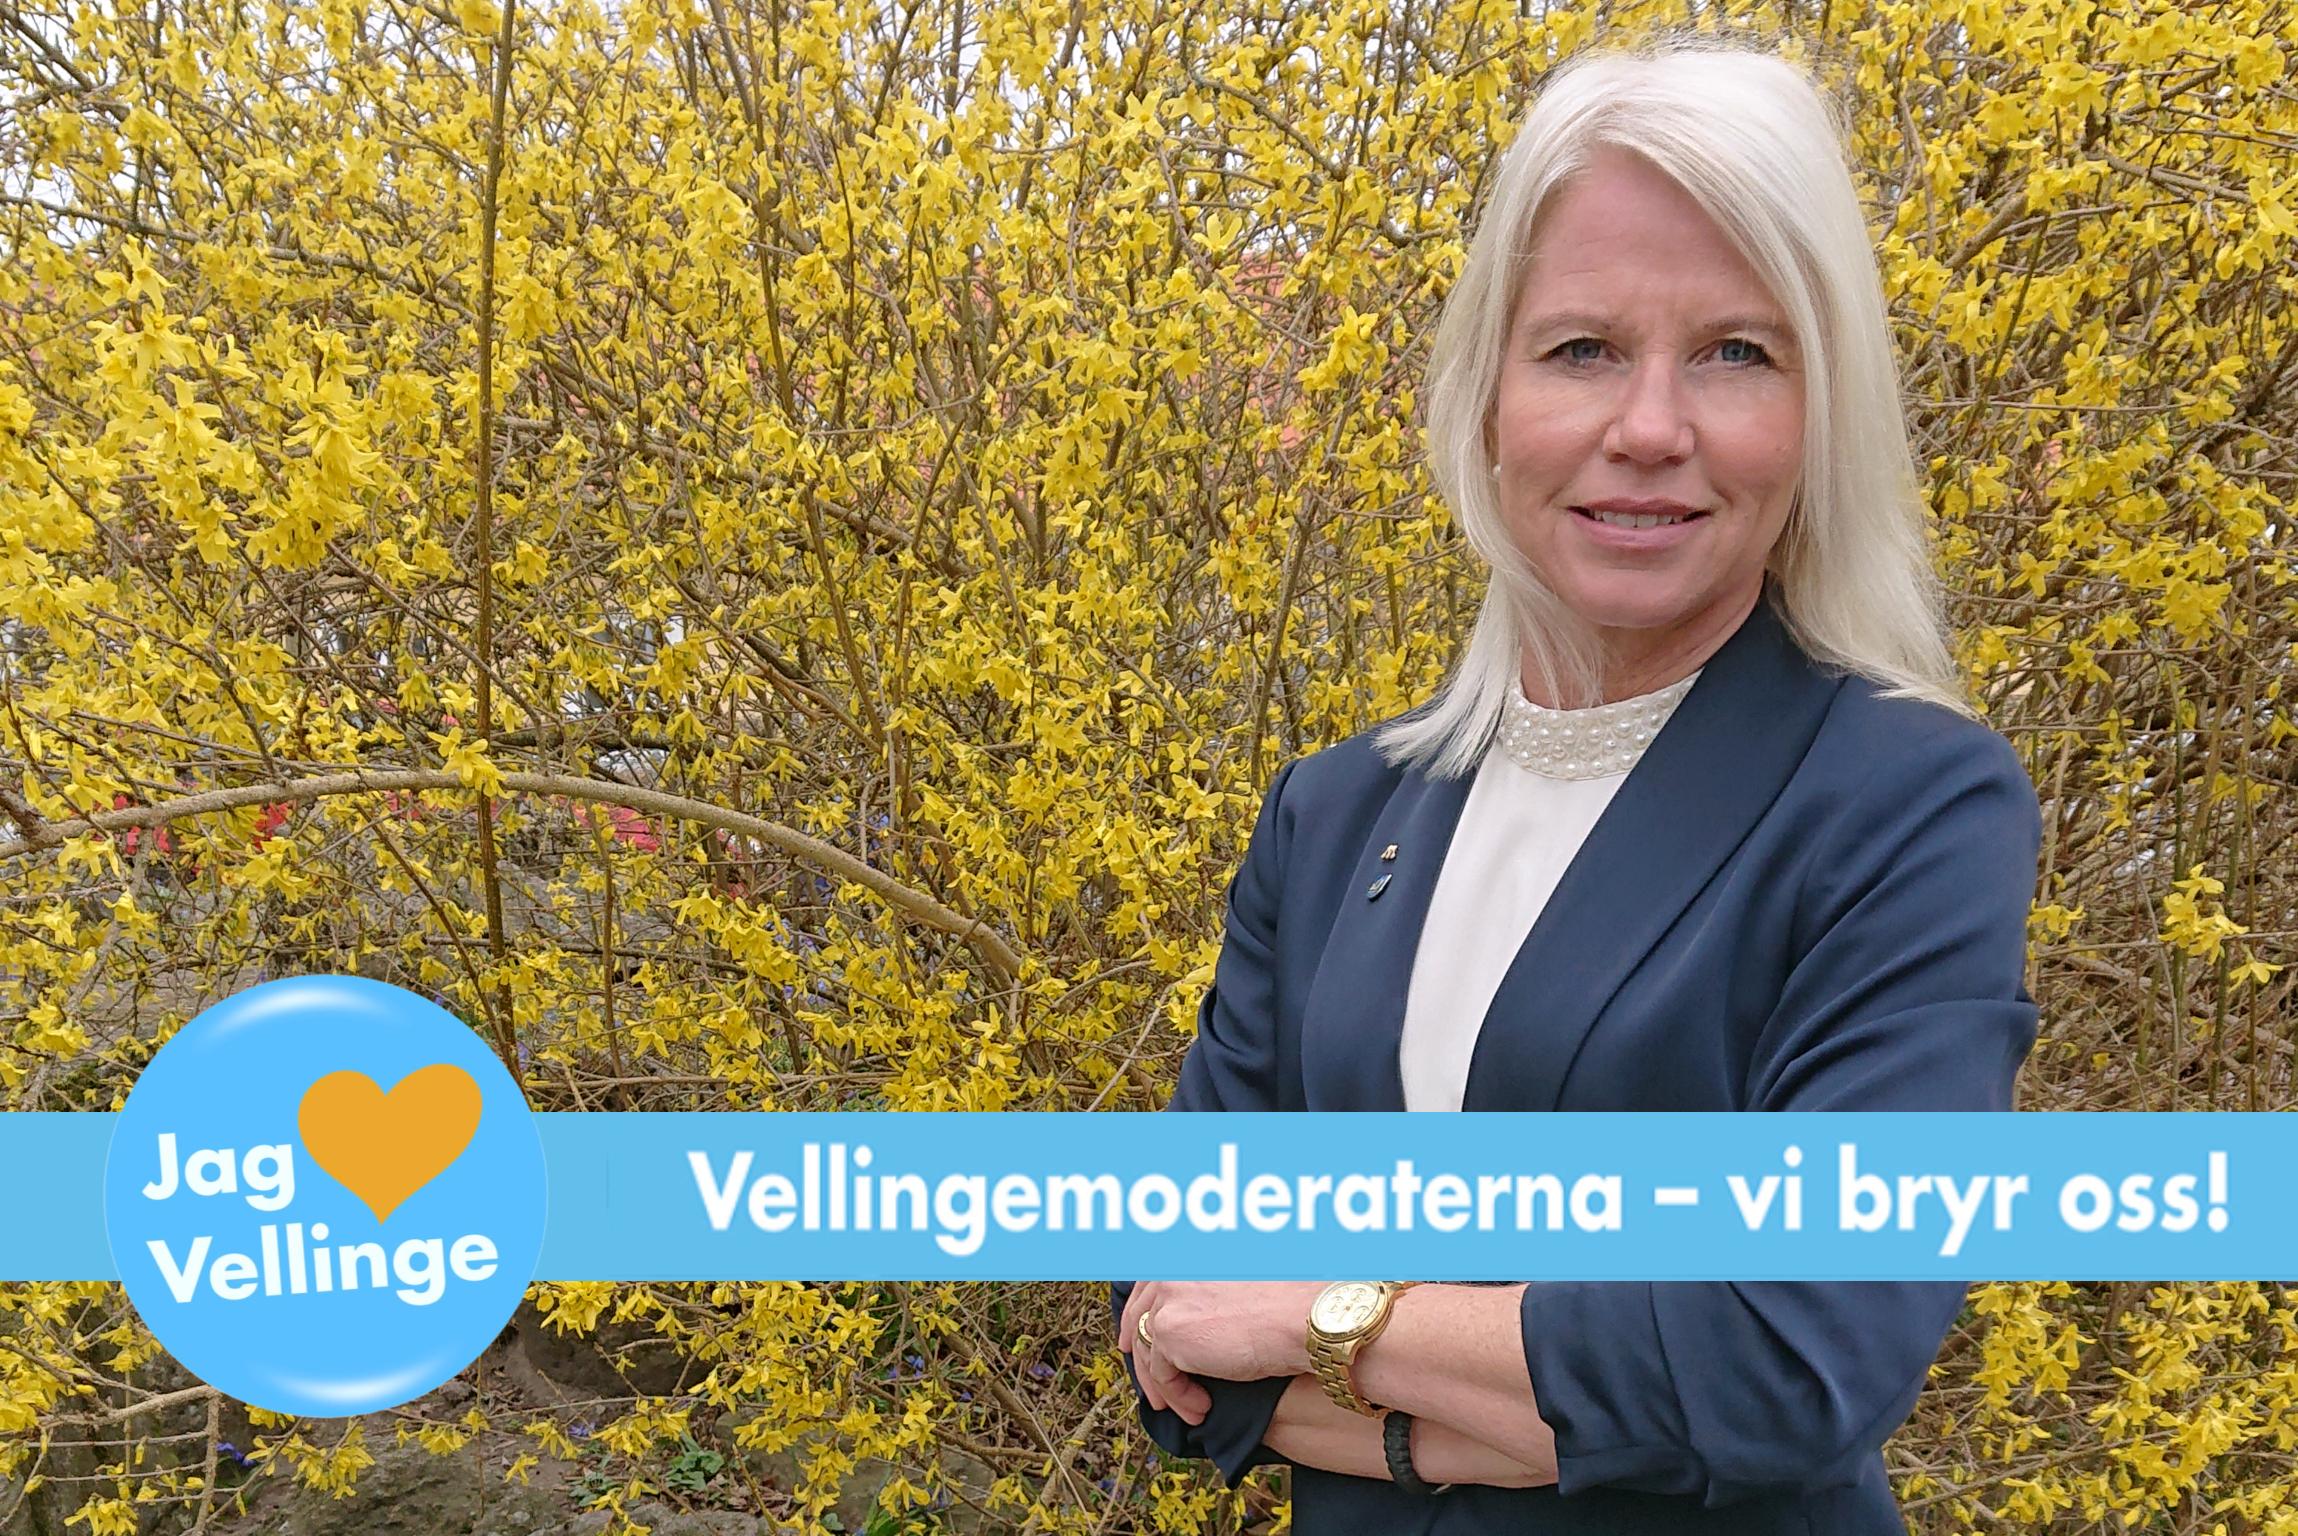 Aktiviteter och mtesplatser fr ldre - redteksystems.net